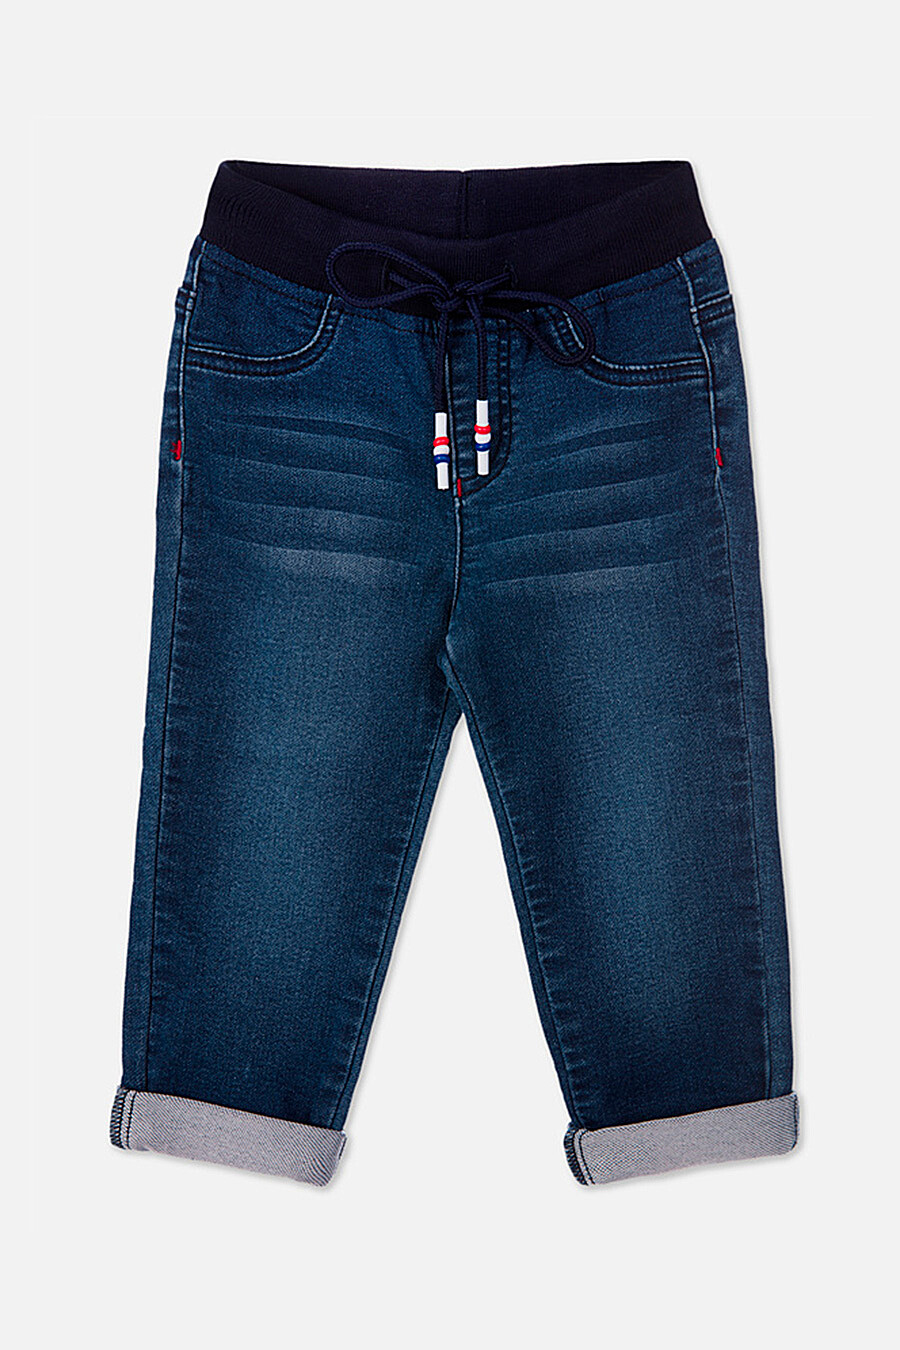 Джинсы для мальчиков PLAYTODAY 239034 купить оптом от производителя. Совместная покупка детской одежды в OptMoyo